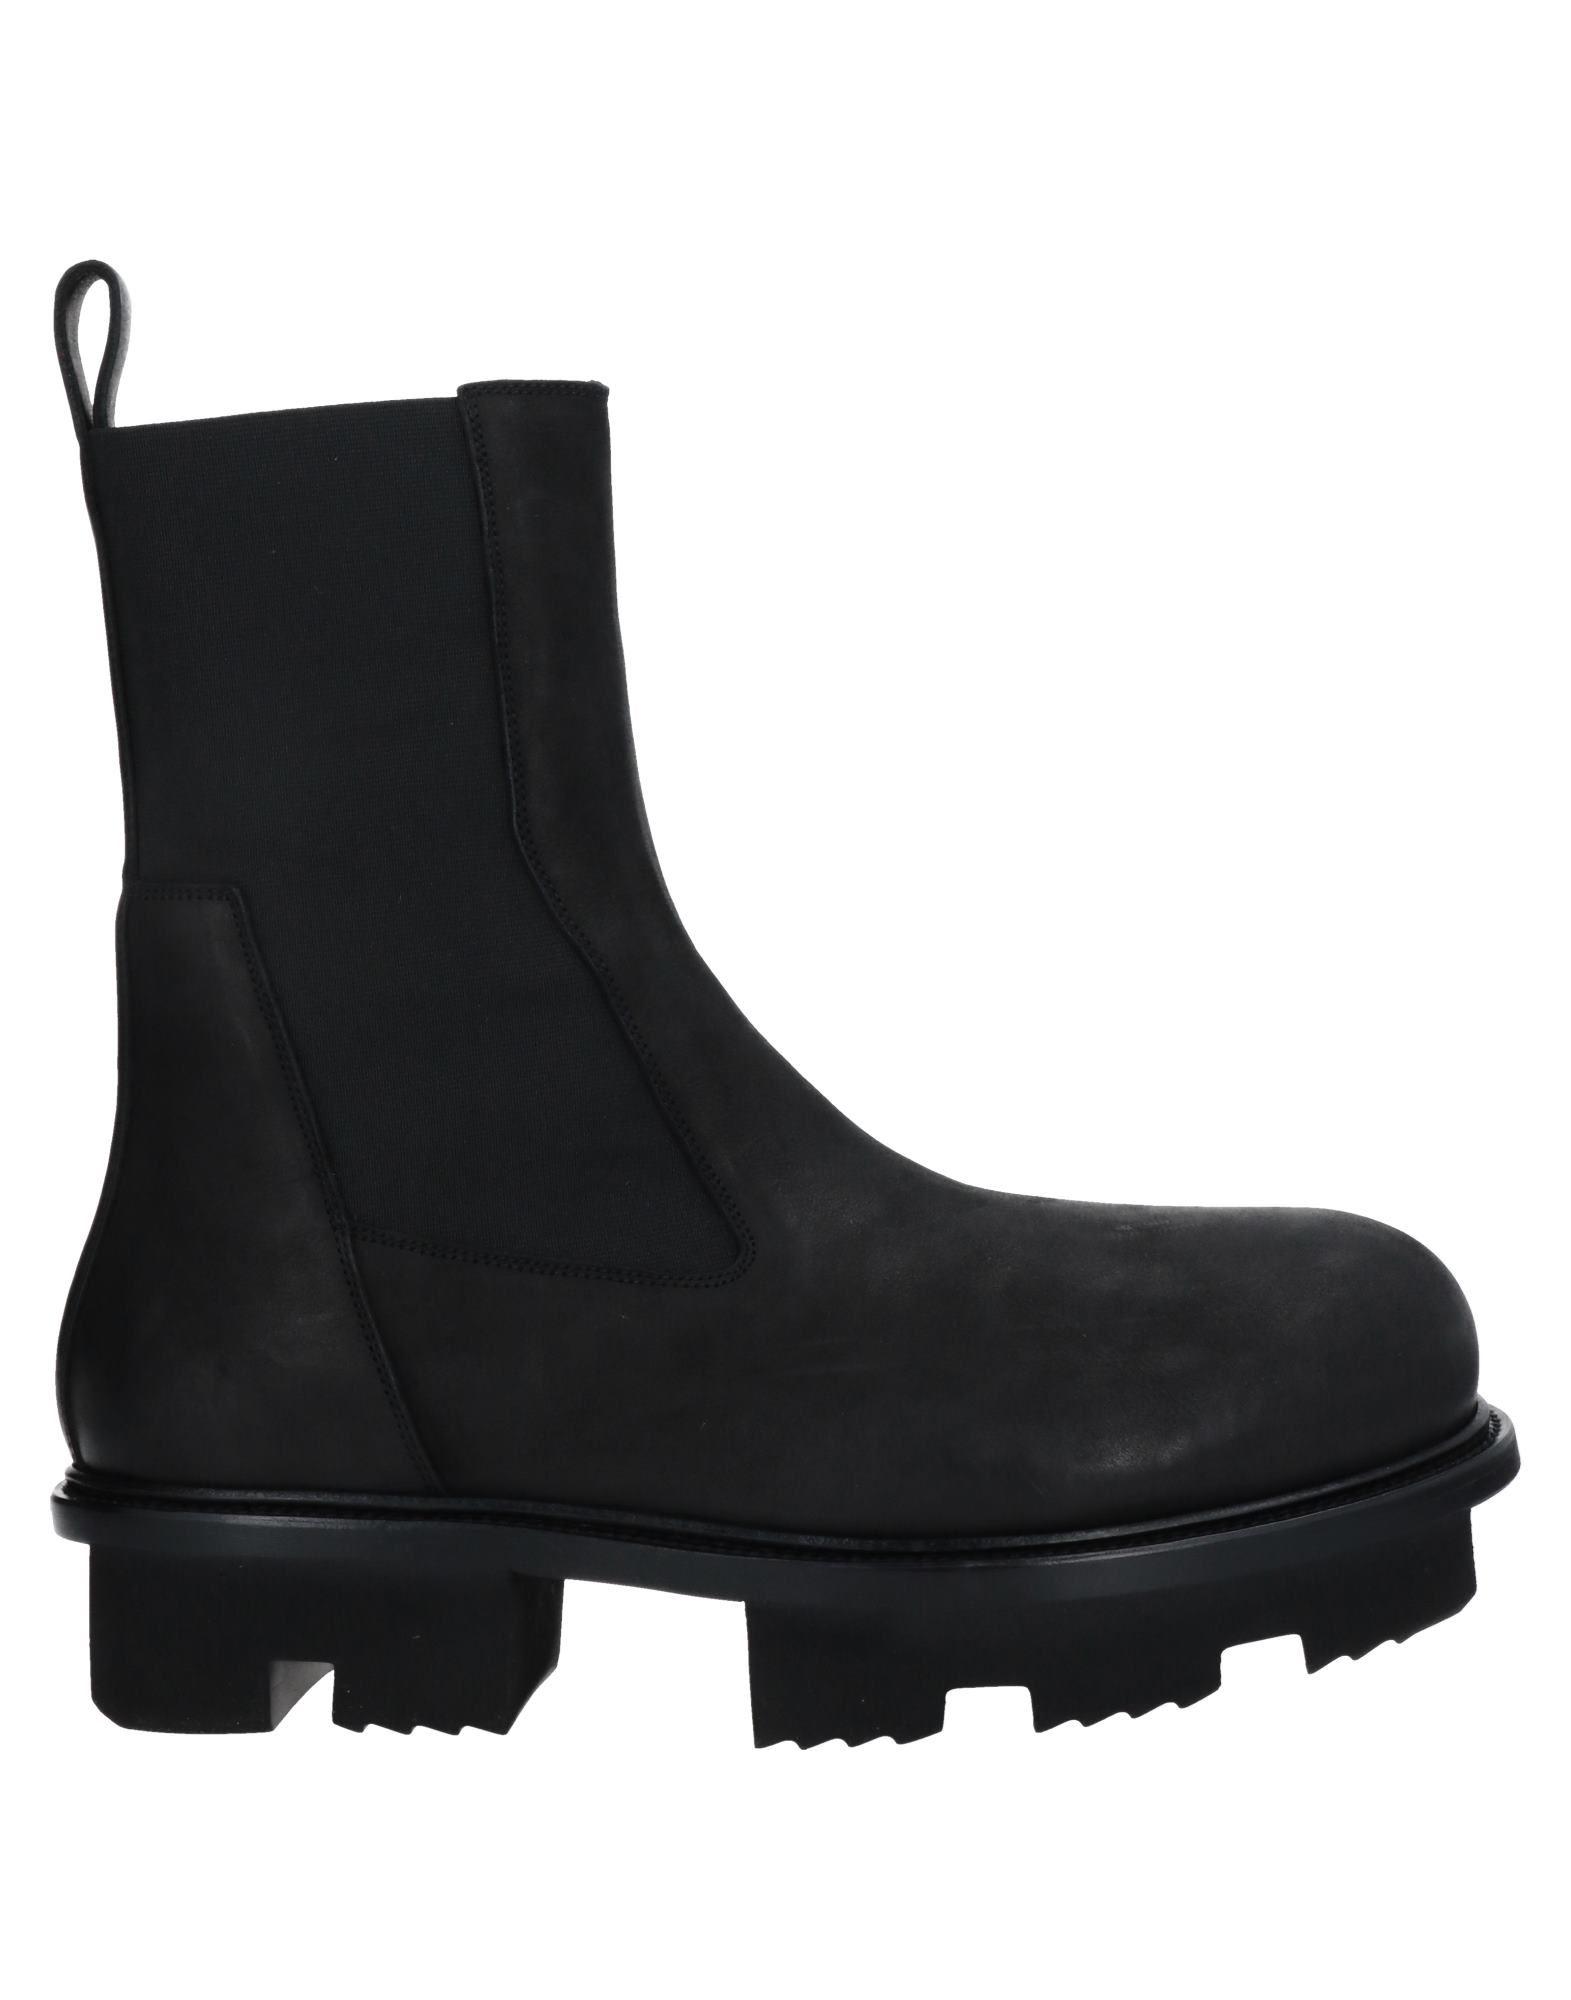 RICK OWENS リック オウエンス メンズ ブーツ ブラック